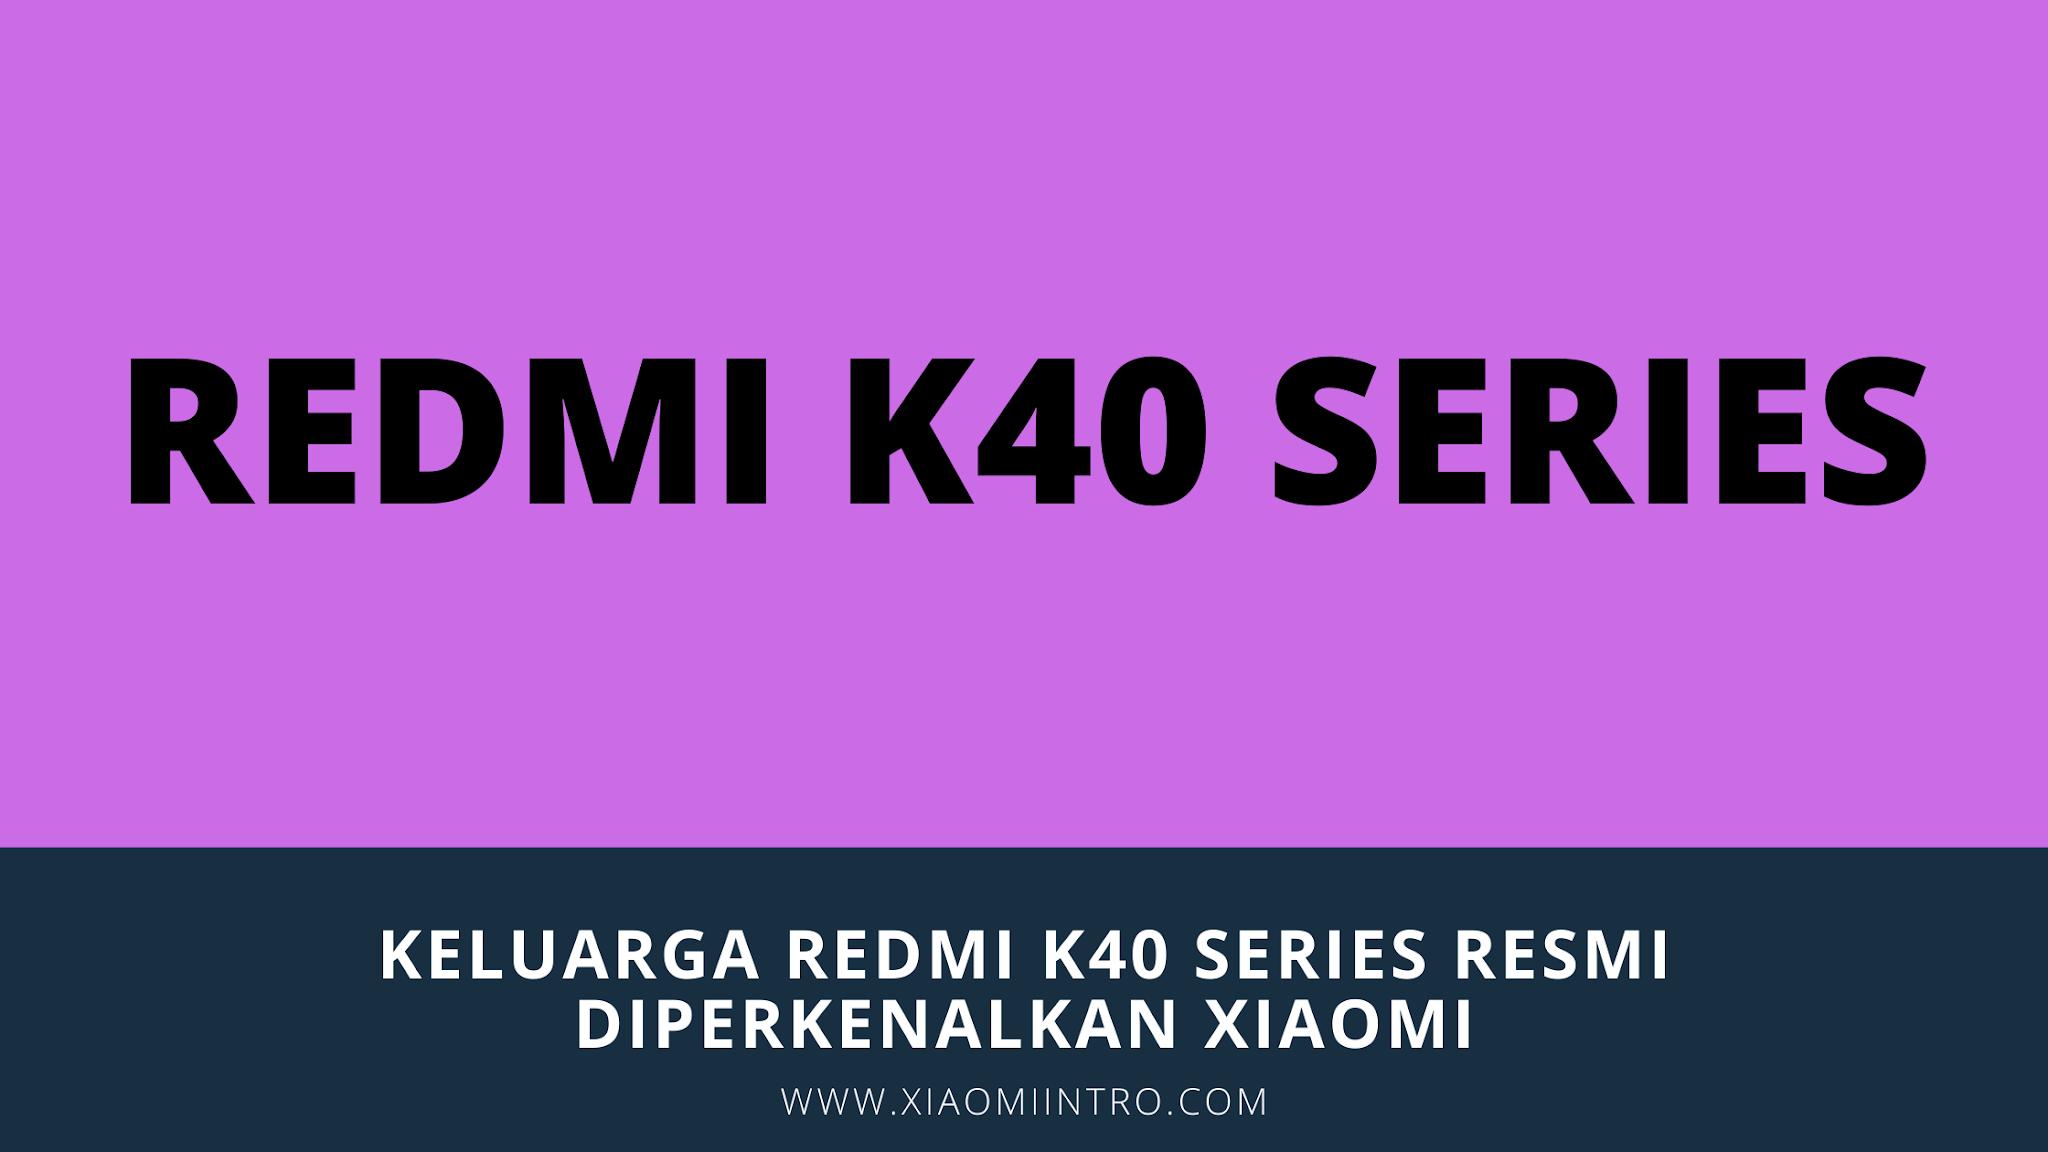 Keluarga Redmi K40 Series Resmi Diperkenalkan Xiaomi